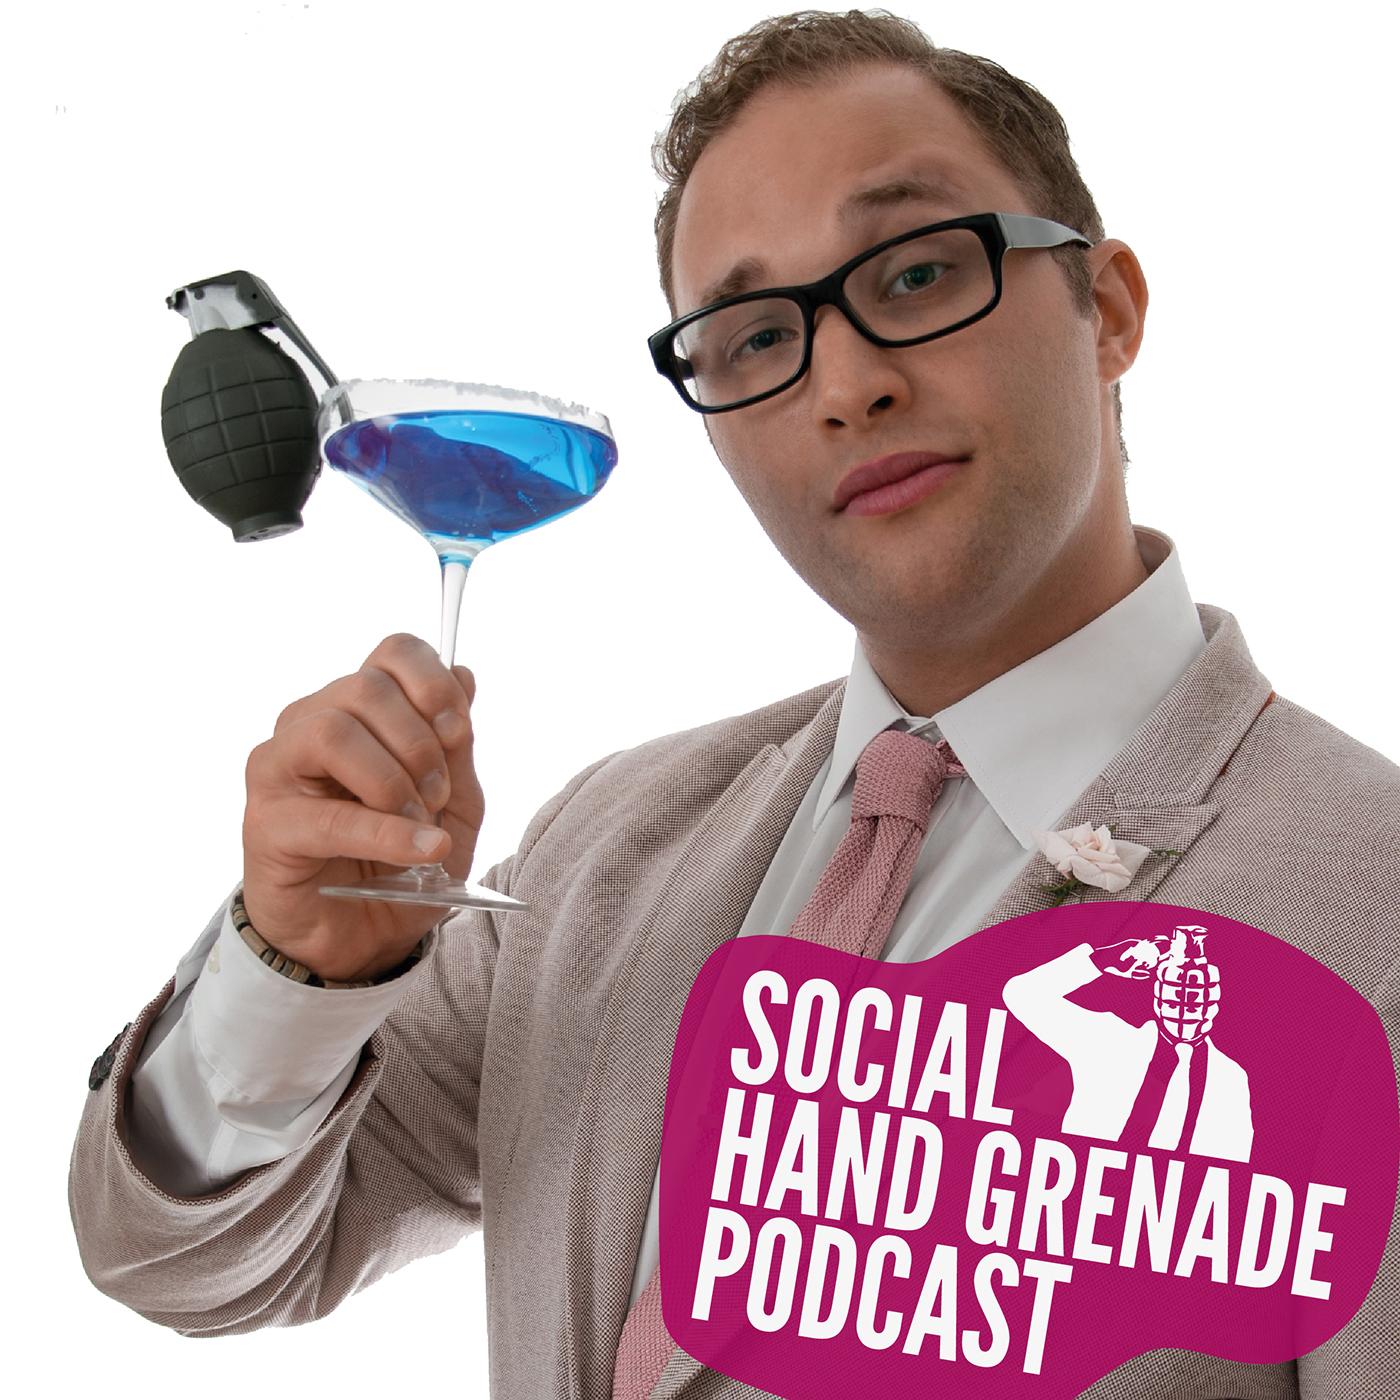 Social Hand Grenade Podcast